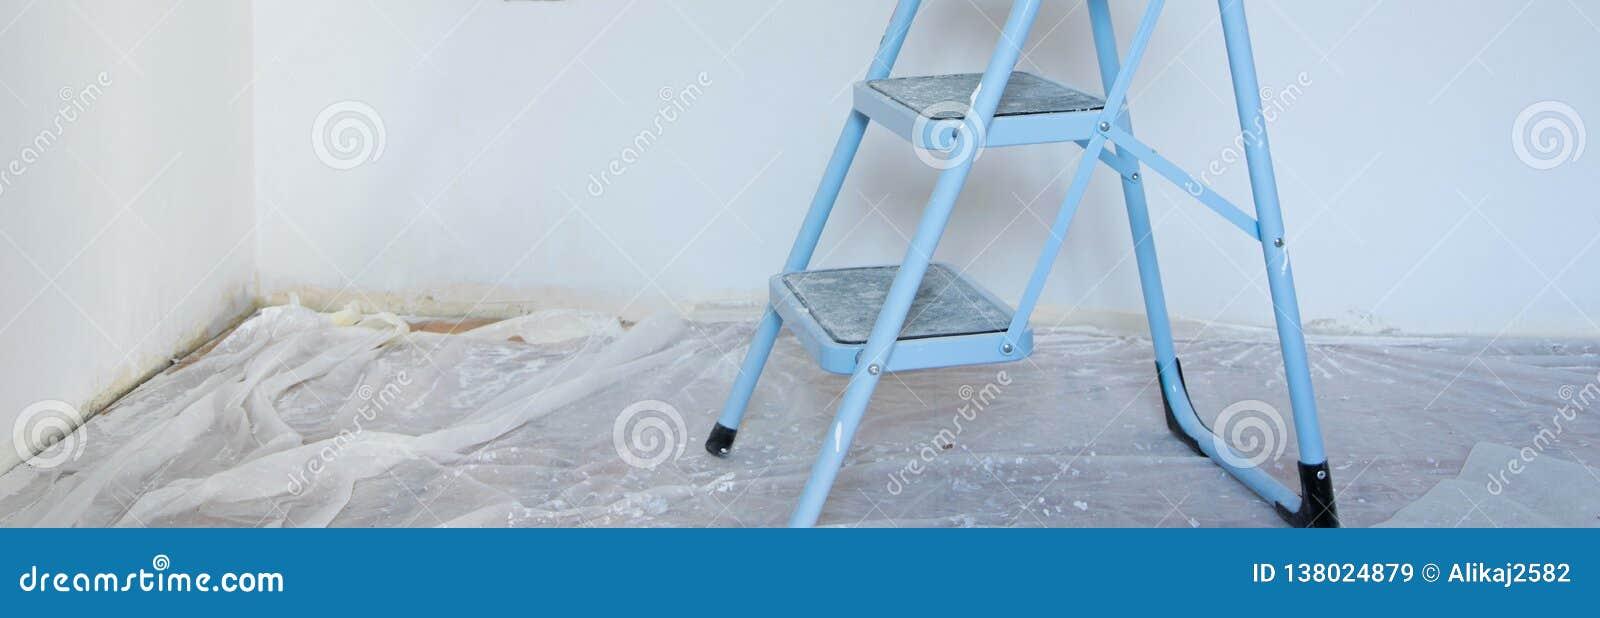 Vista interior del emplazamiento de la obra, de la escalera en primero plano y de paredes de pintura frescas con el color blanco